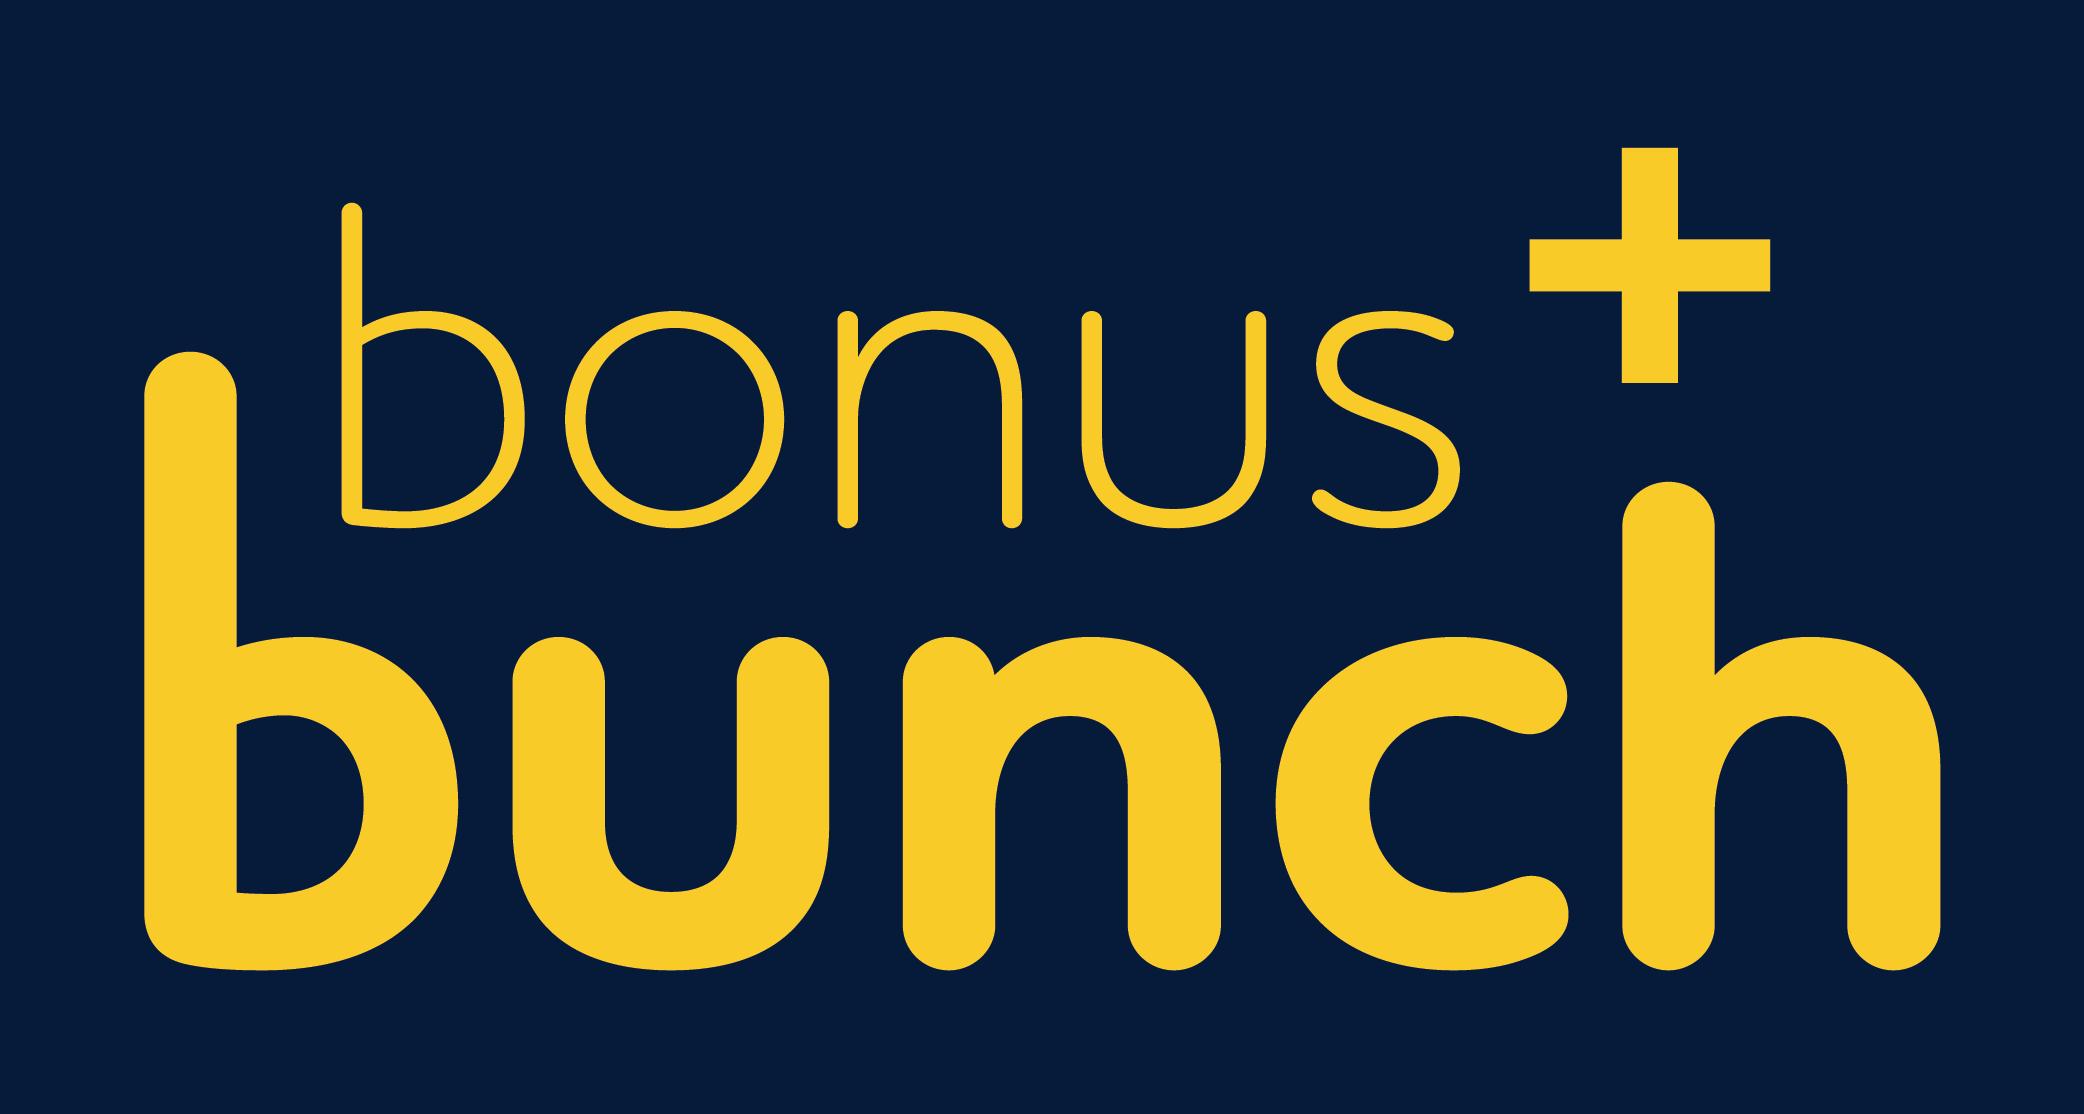 Bonus bunch logo